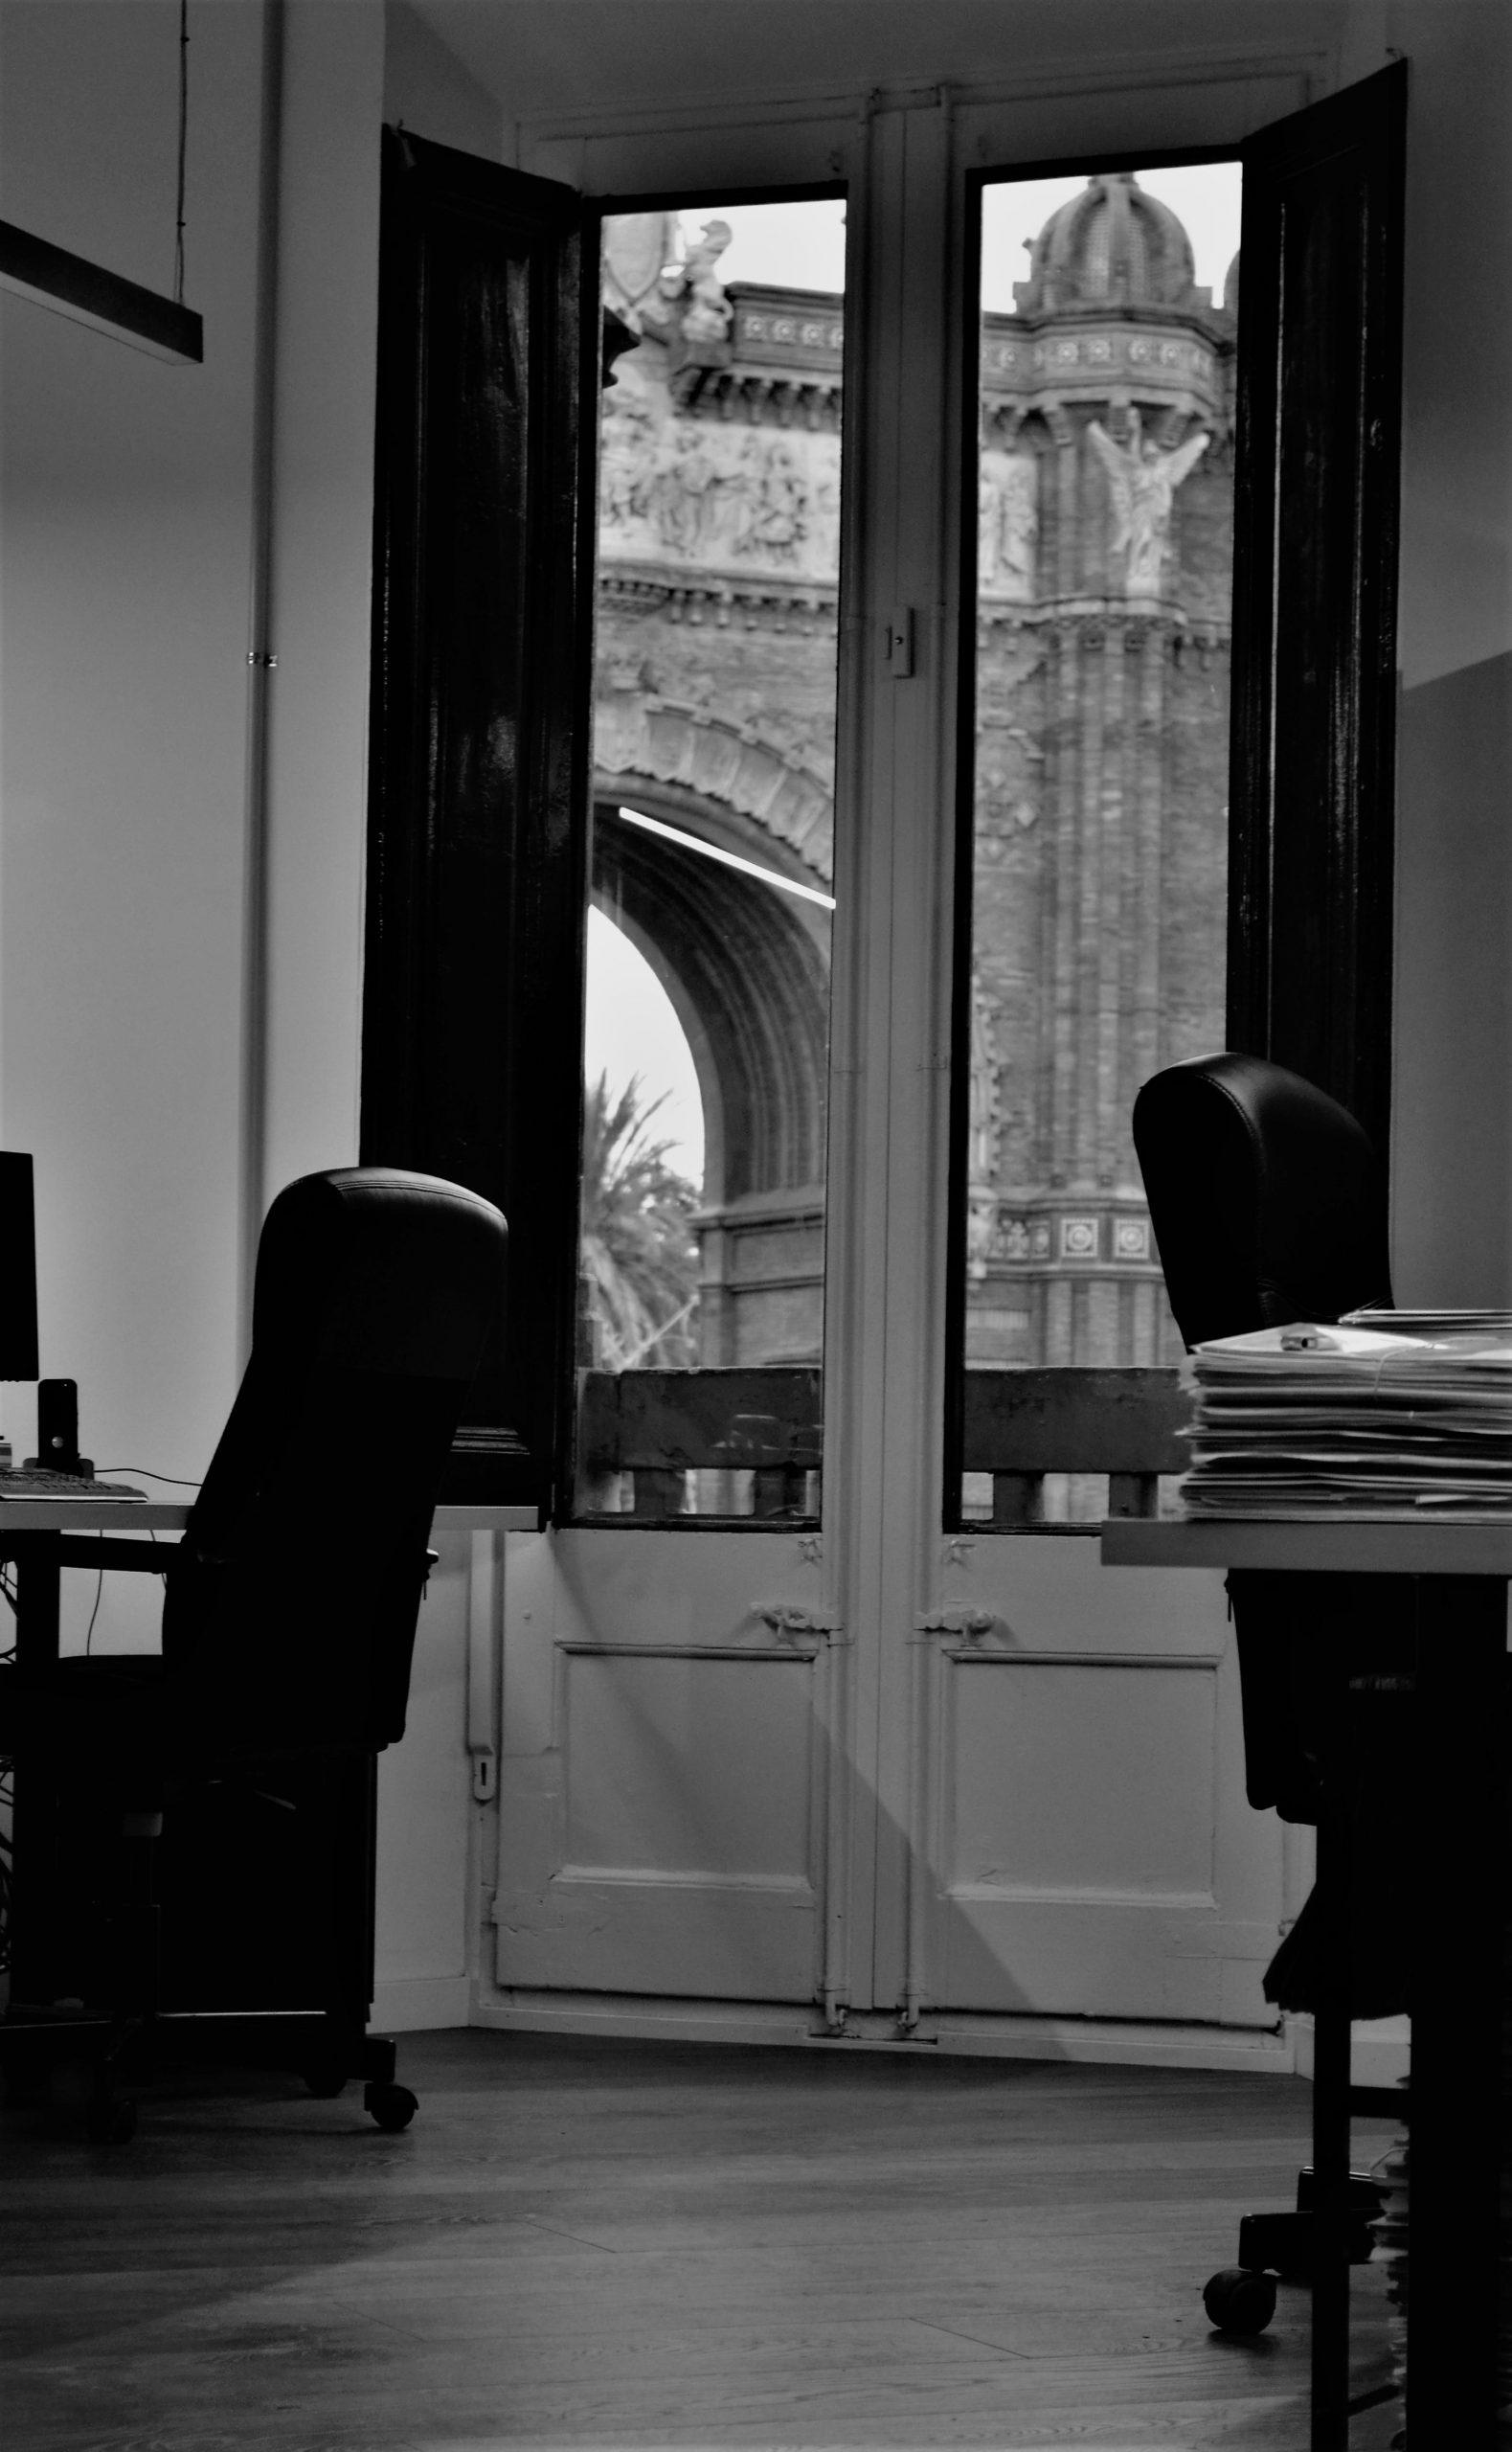 Oficina Exelade Arco de Triunfo